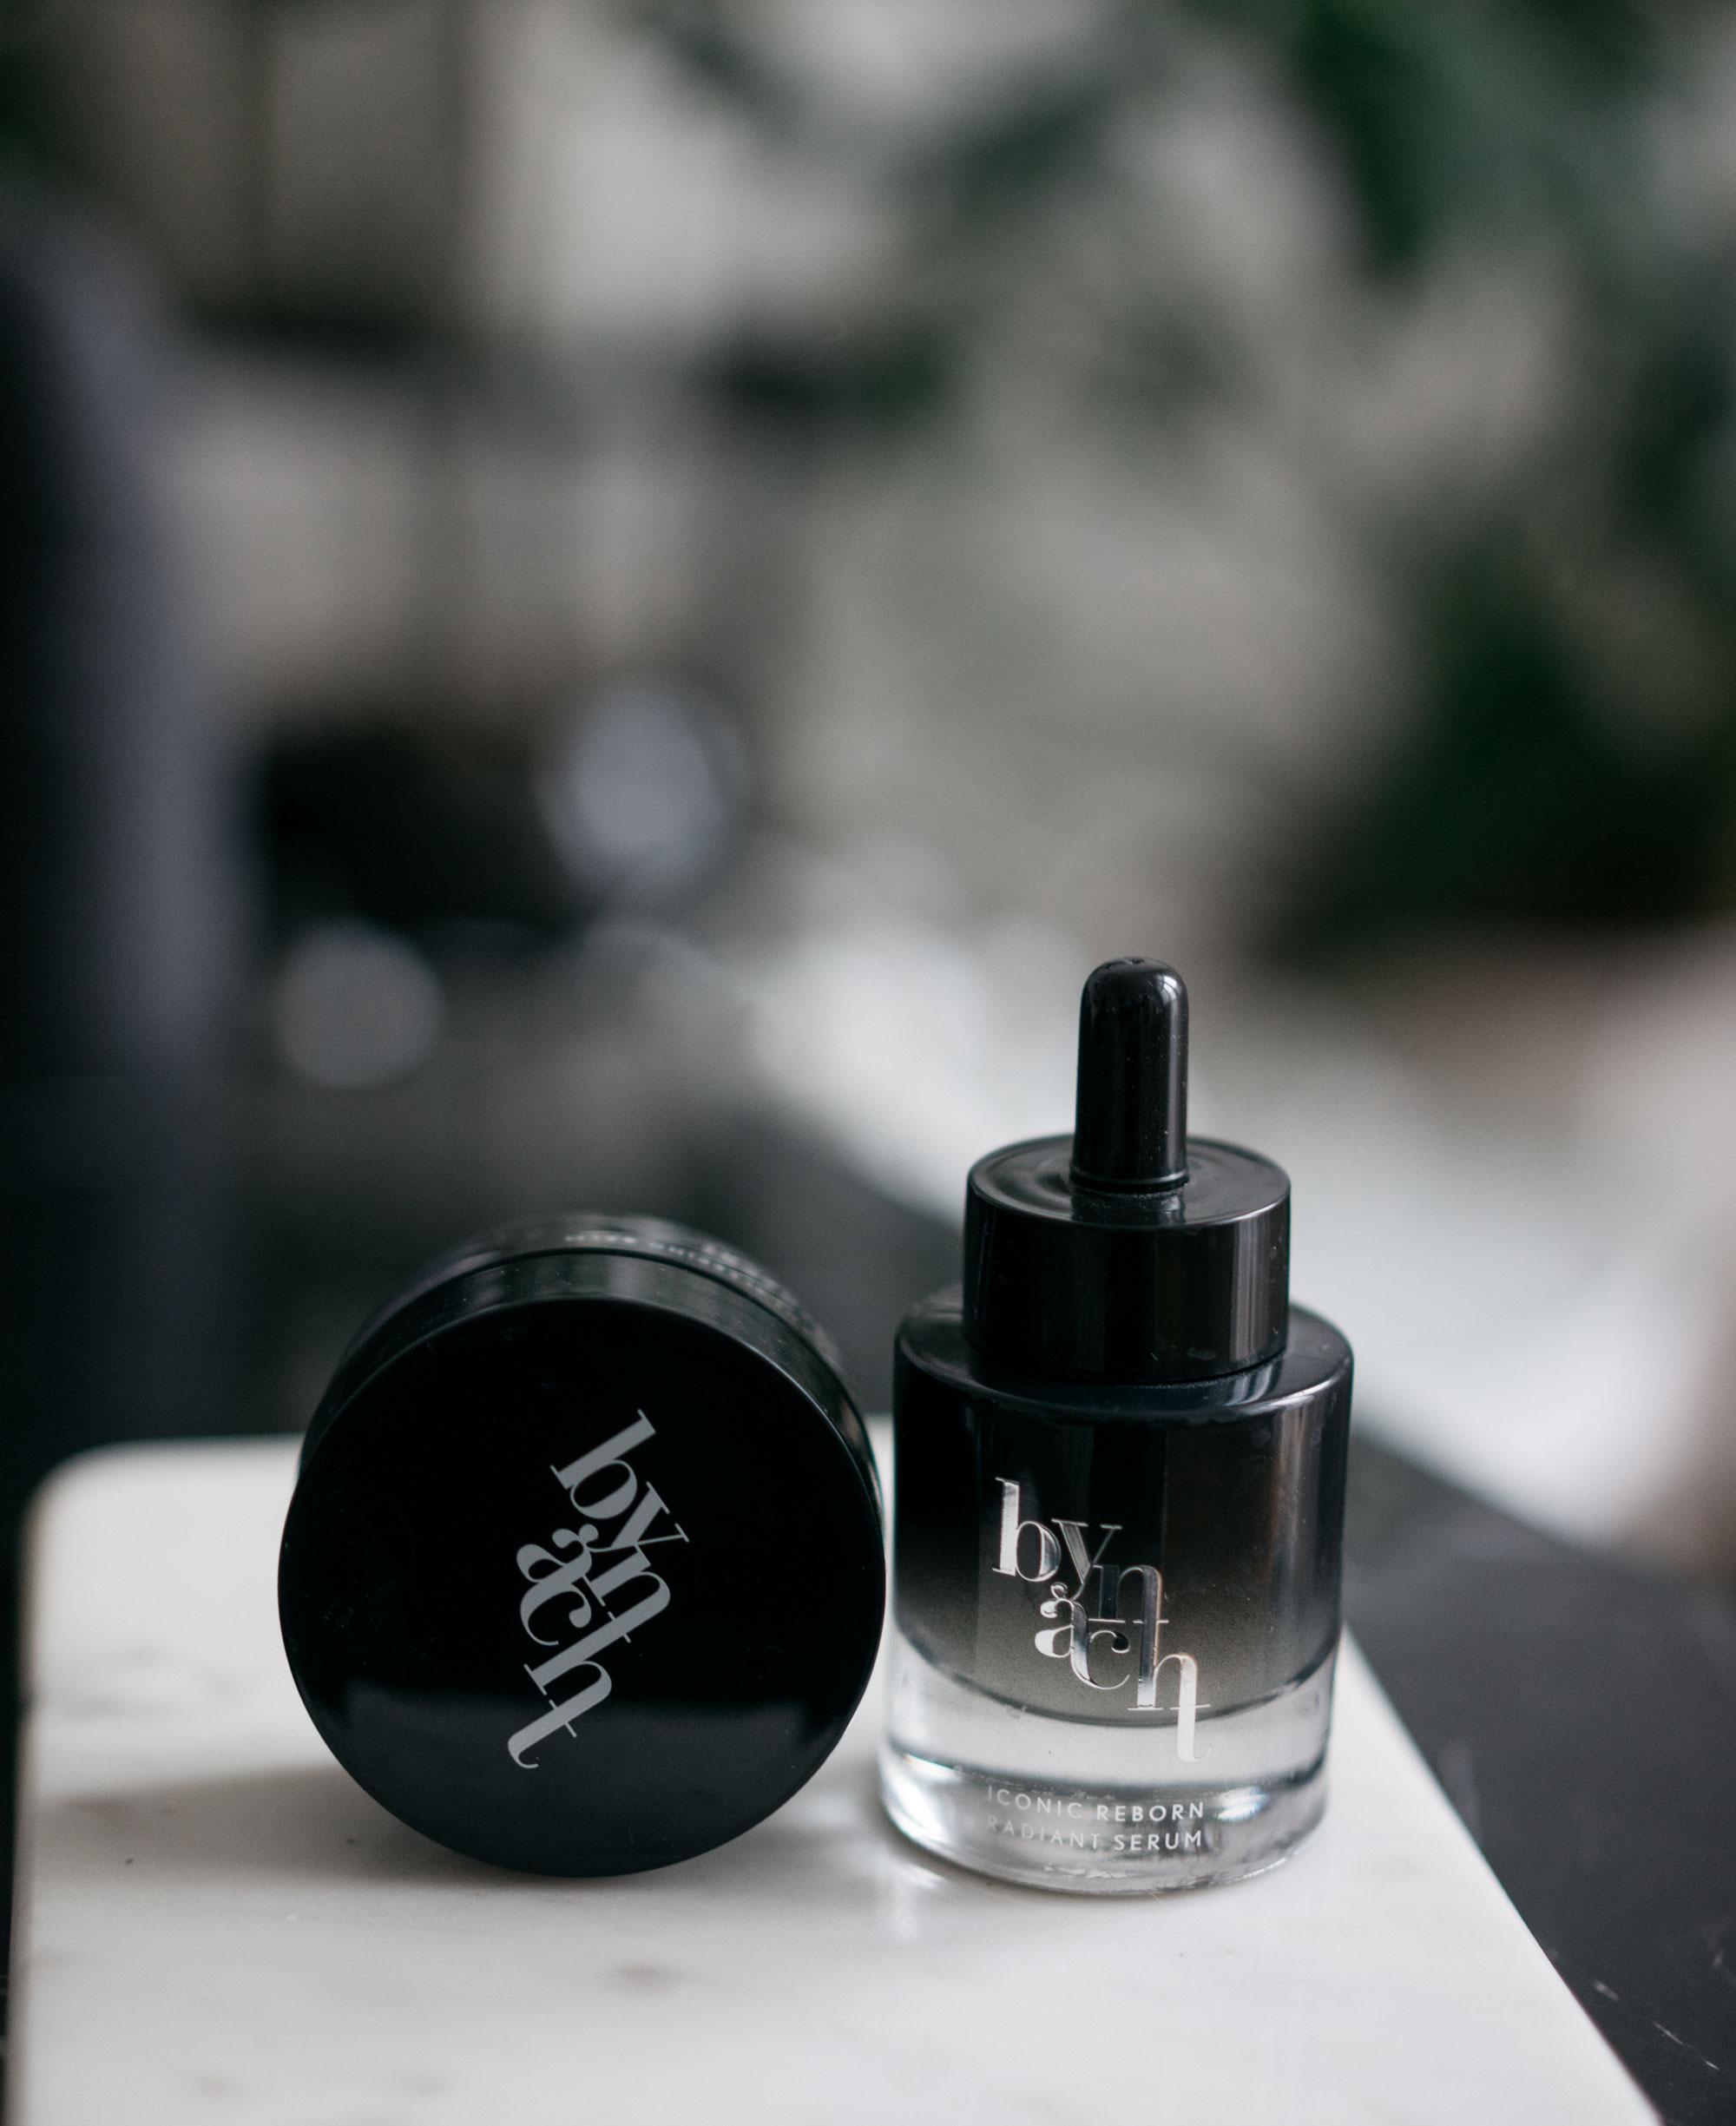 Bynacht Serum | Lieblingsprodukte einer Bloggerin | Beauty & Kosmetik | Testsieger | Empfehlung | Make-up | nachhaltig | made in Germany